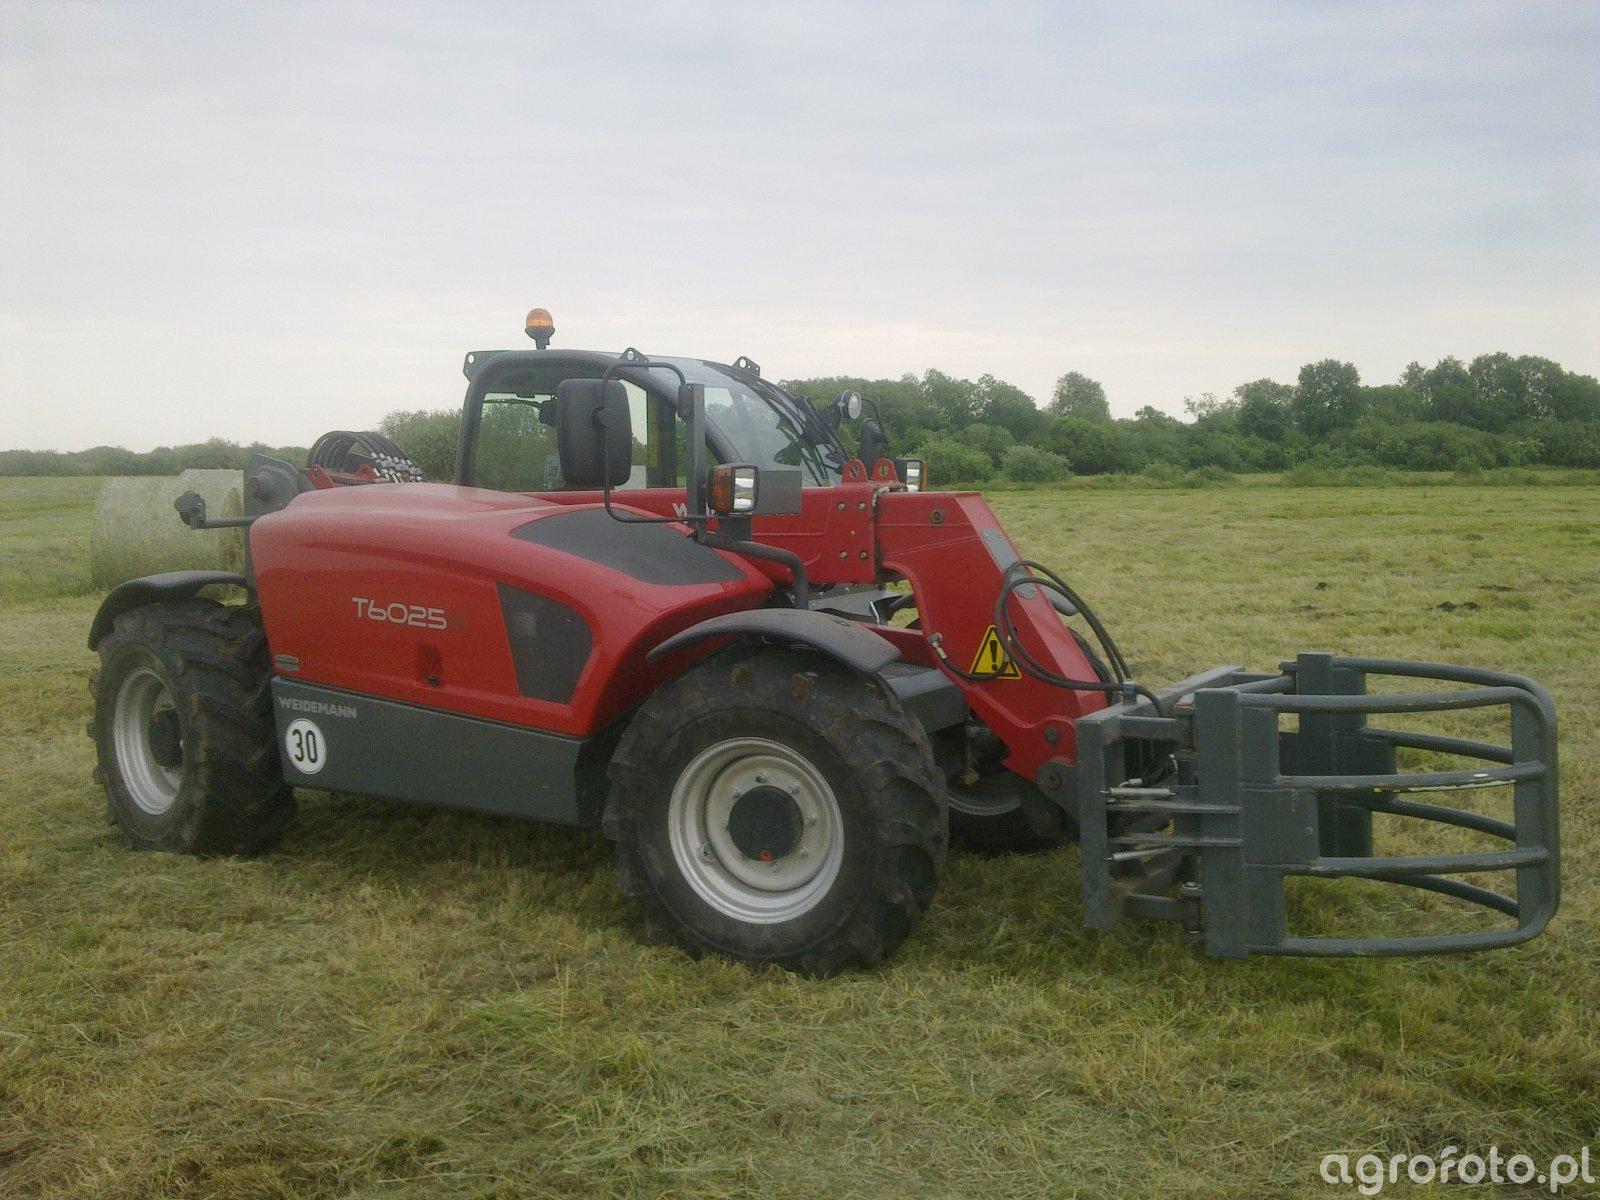 Weidemann T6025